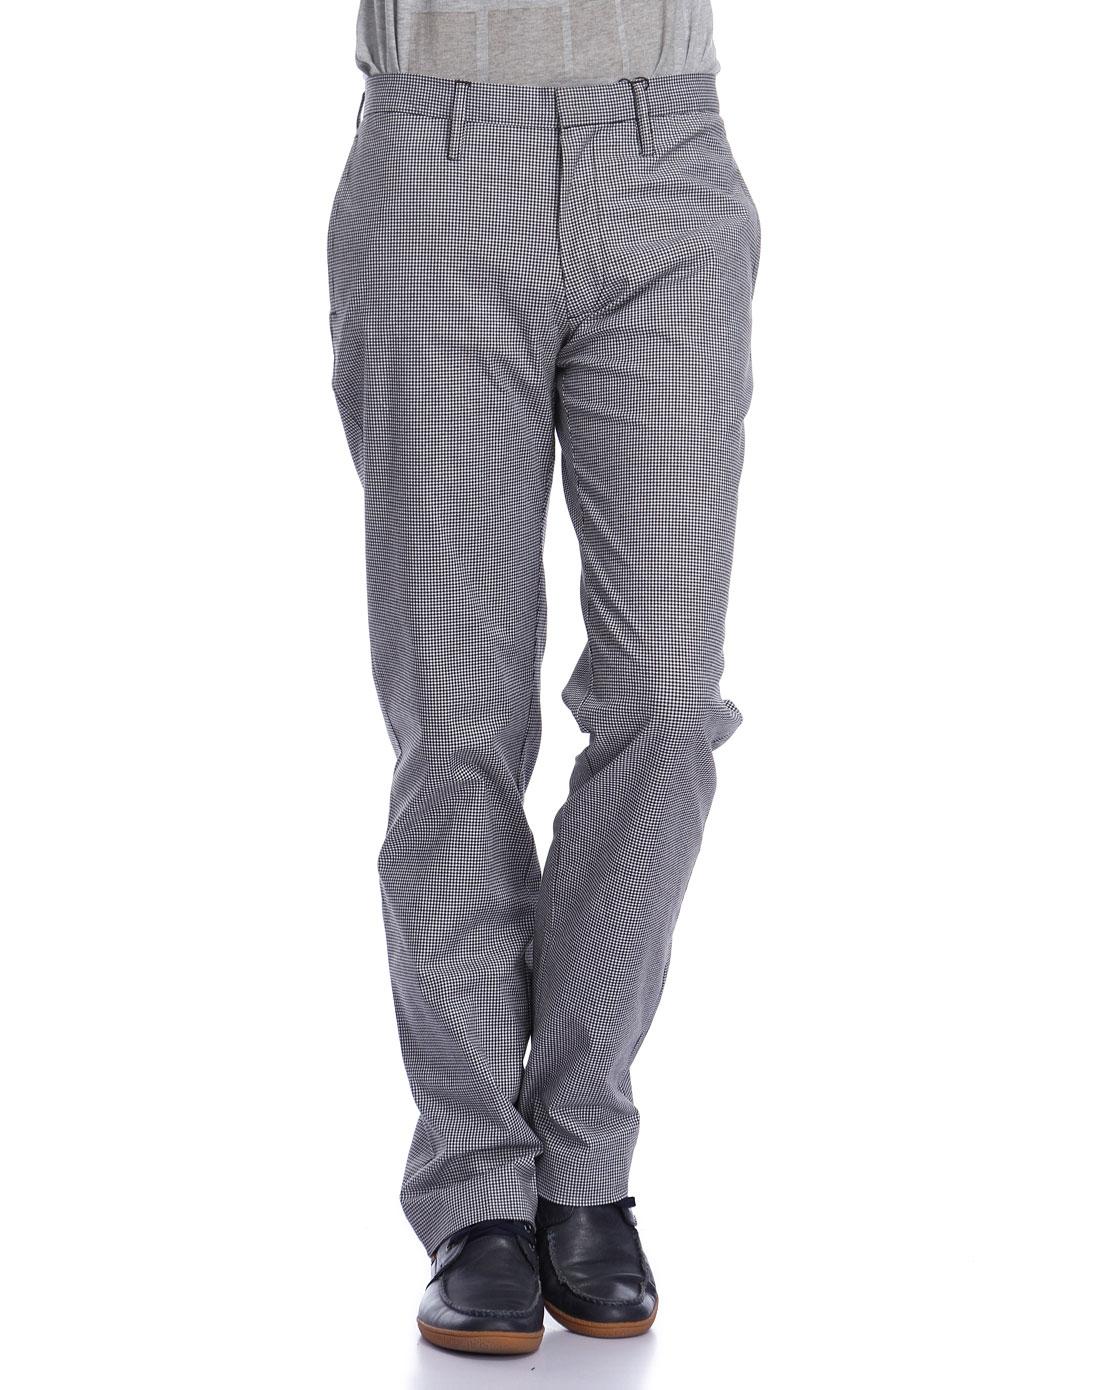 黑白色格子时尚休闲长裤